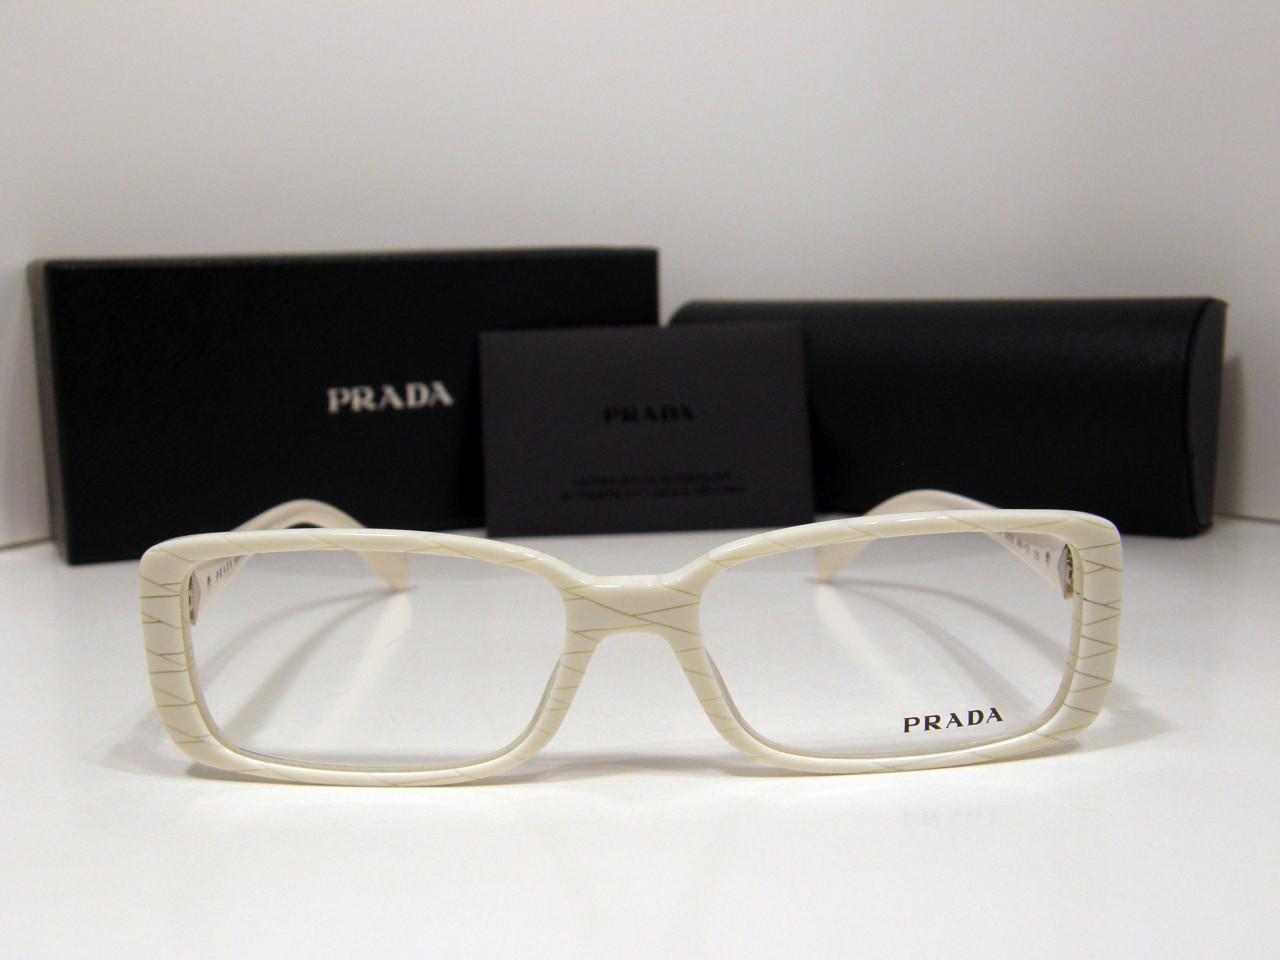 38064c3a0140 Prada PR-11NV Eyeglasses Ivory AB1-1O1 Optical Frame by Prada